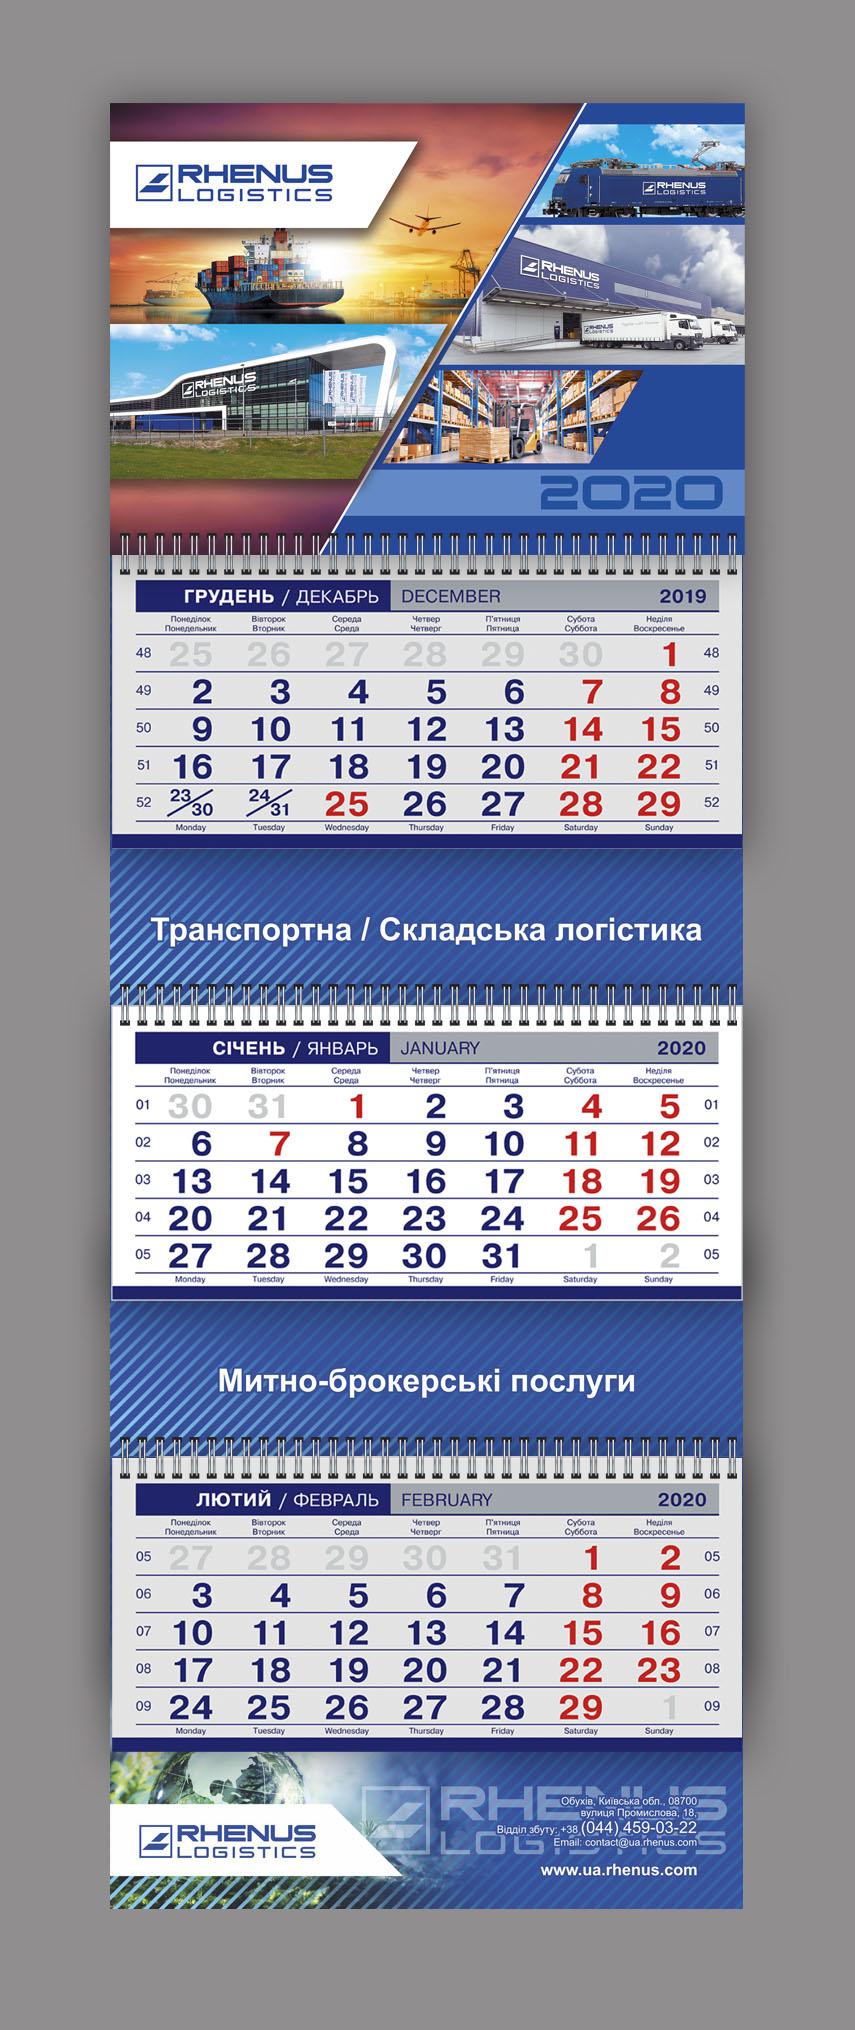 Дизайн квартального календаря логистической компании Rhenus 2020 Вариант №2 http://www.makety.top